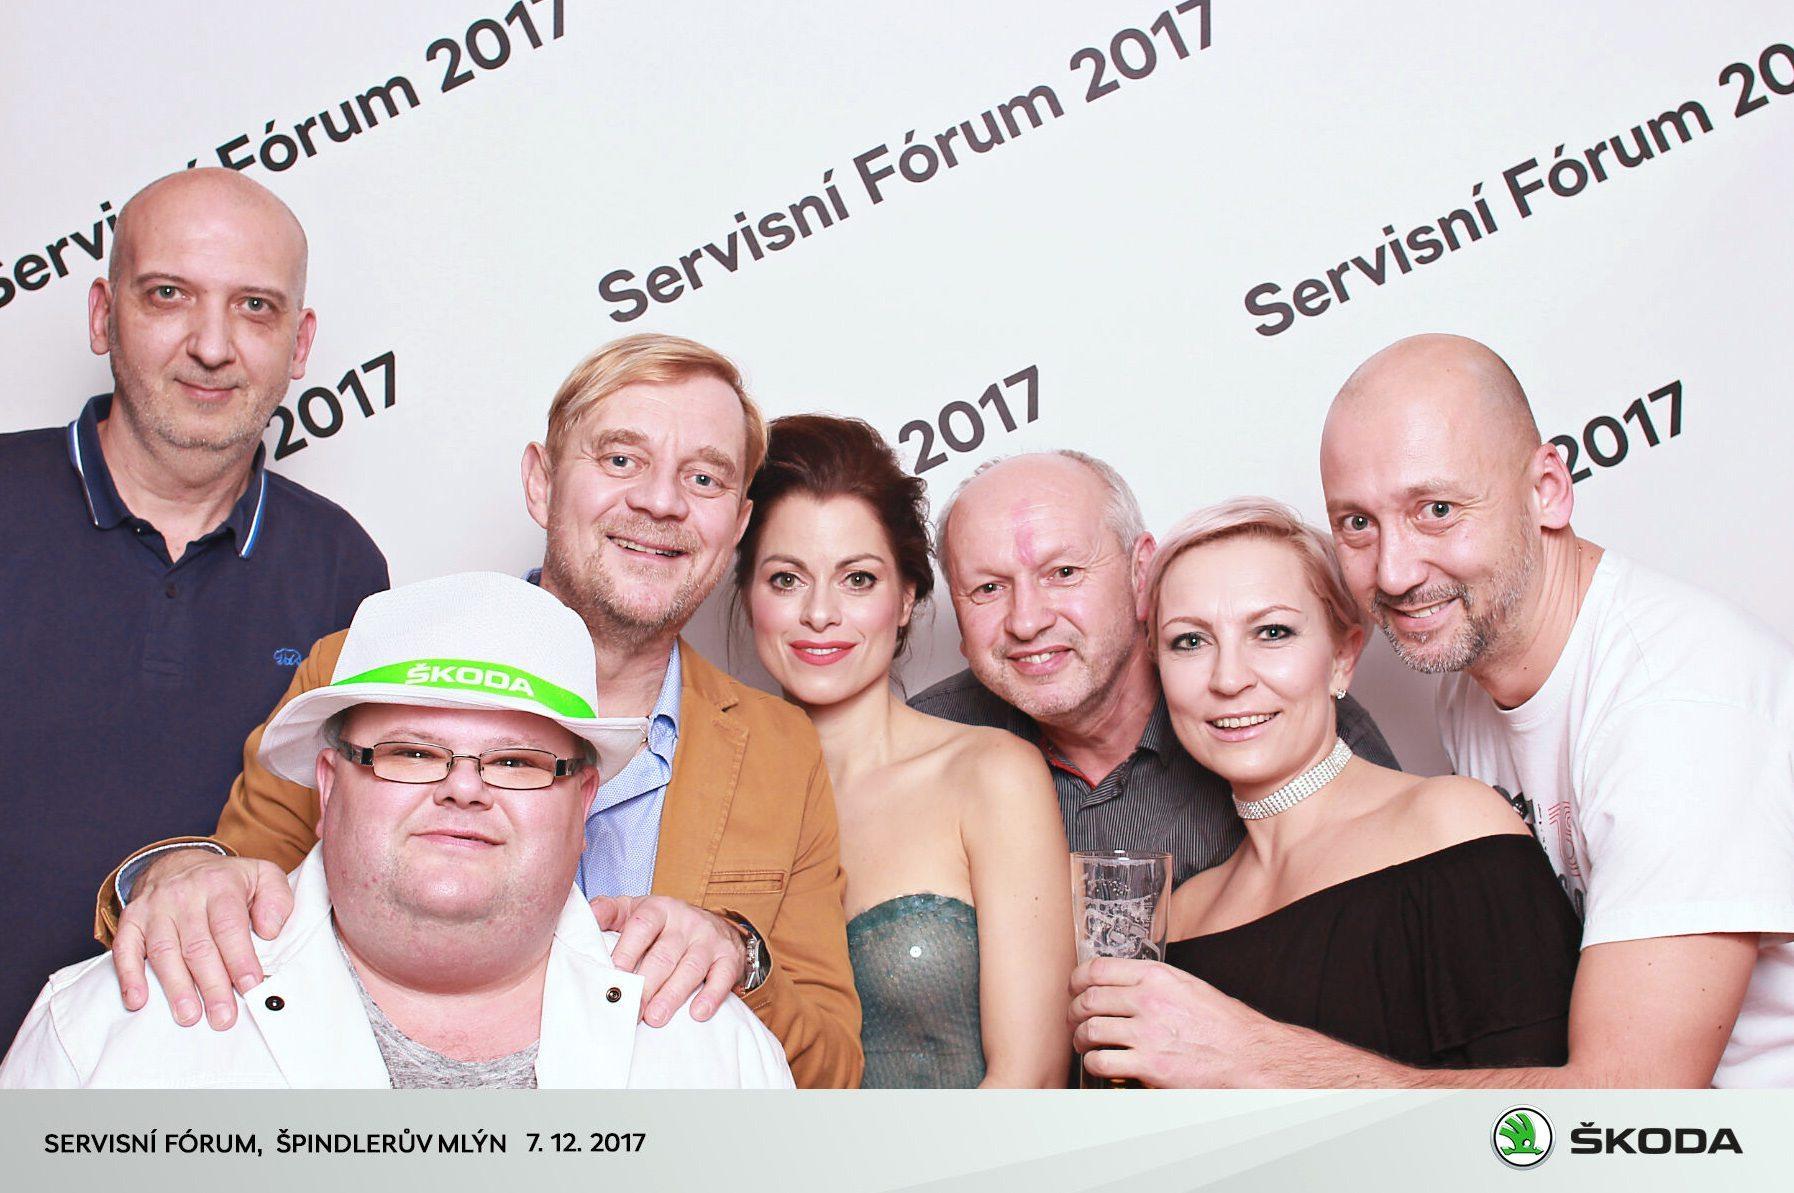 fotokoutek-skoda-servisni-forum-7-12-2017-353414